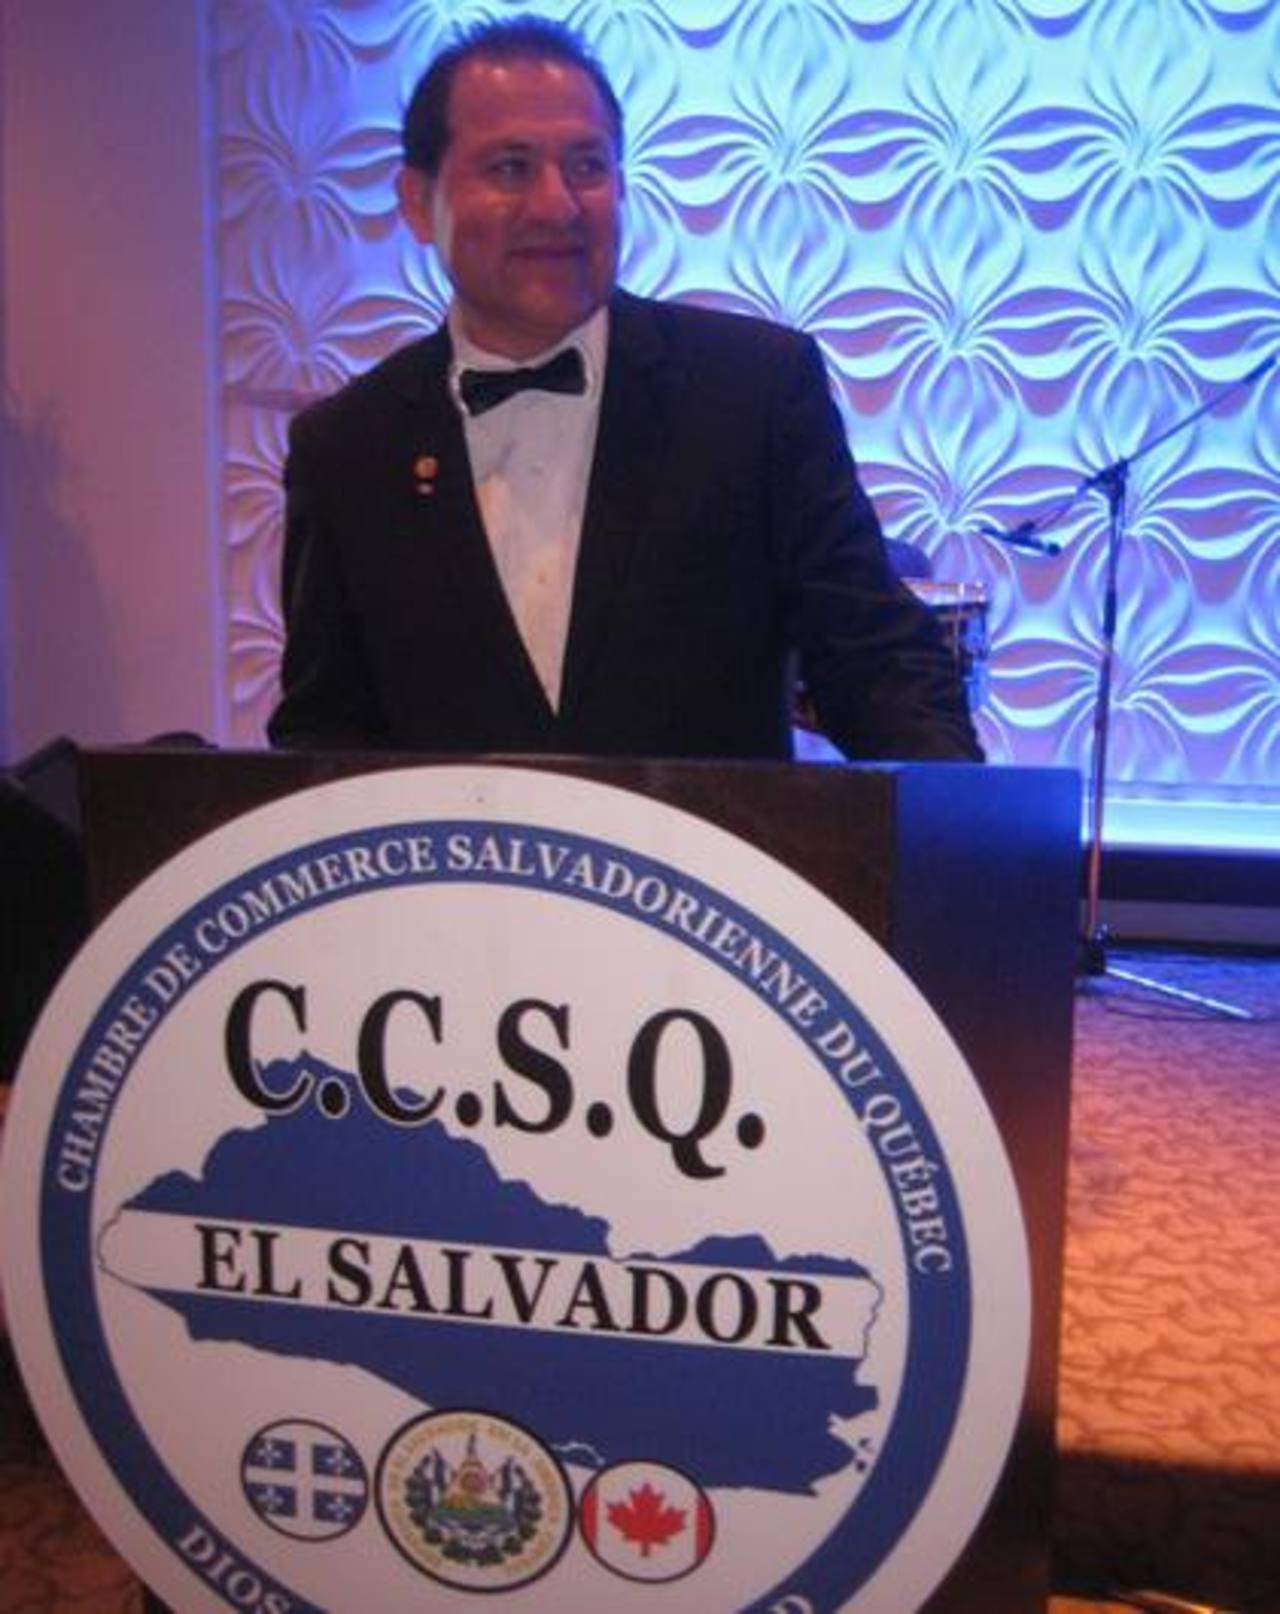 El presidente de la Cámara de Comercio Salvadoreña de Quebec, Jaime García al dirigirse a los asistentes de la cena del primer aniversario de esa institución. Foto EDH/ Yensy Ortiz